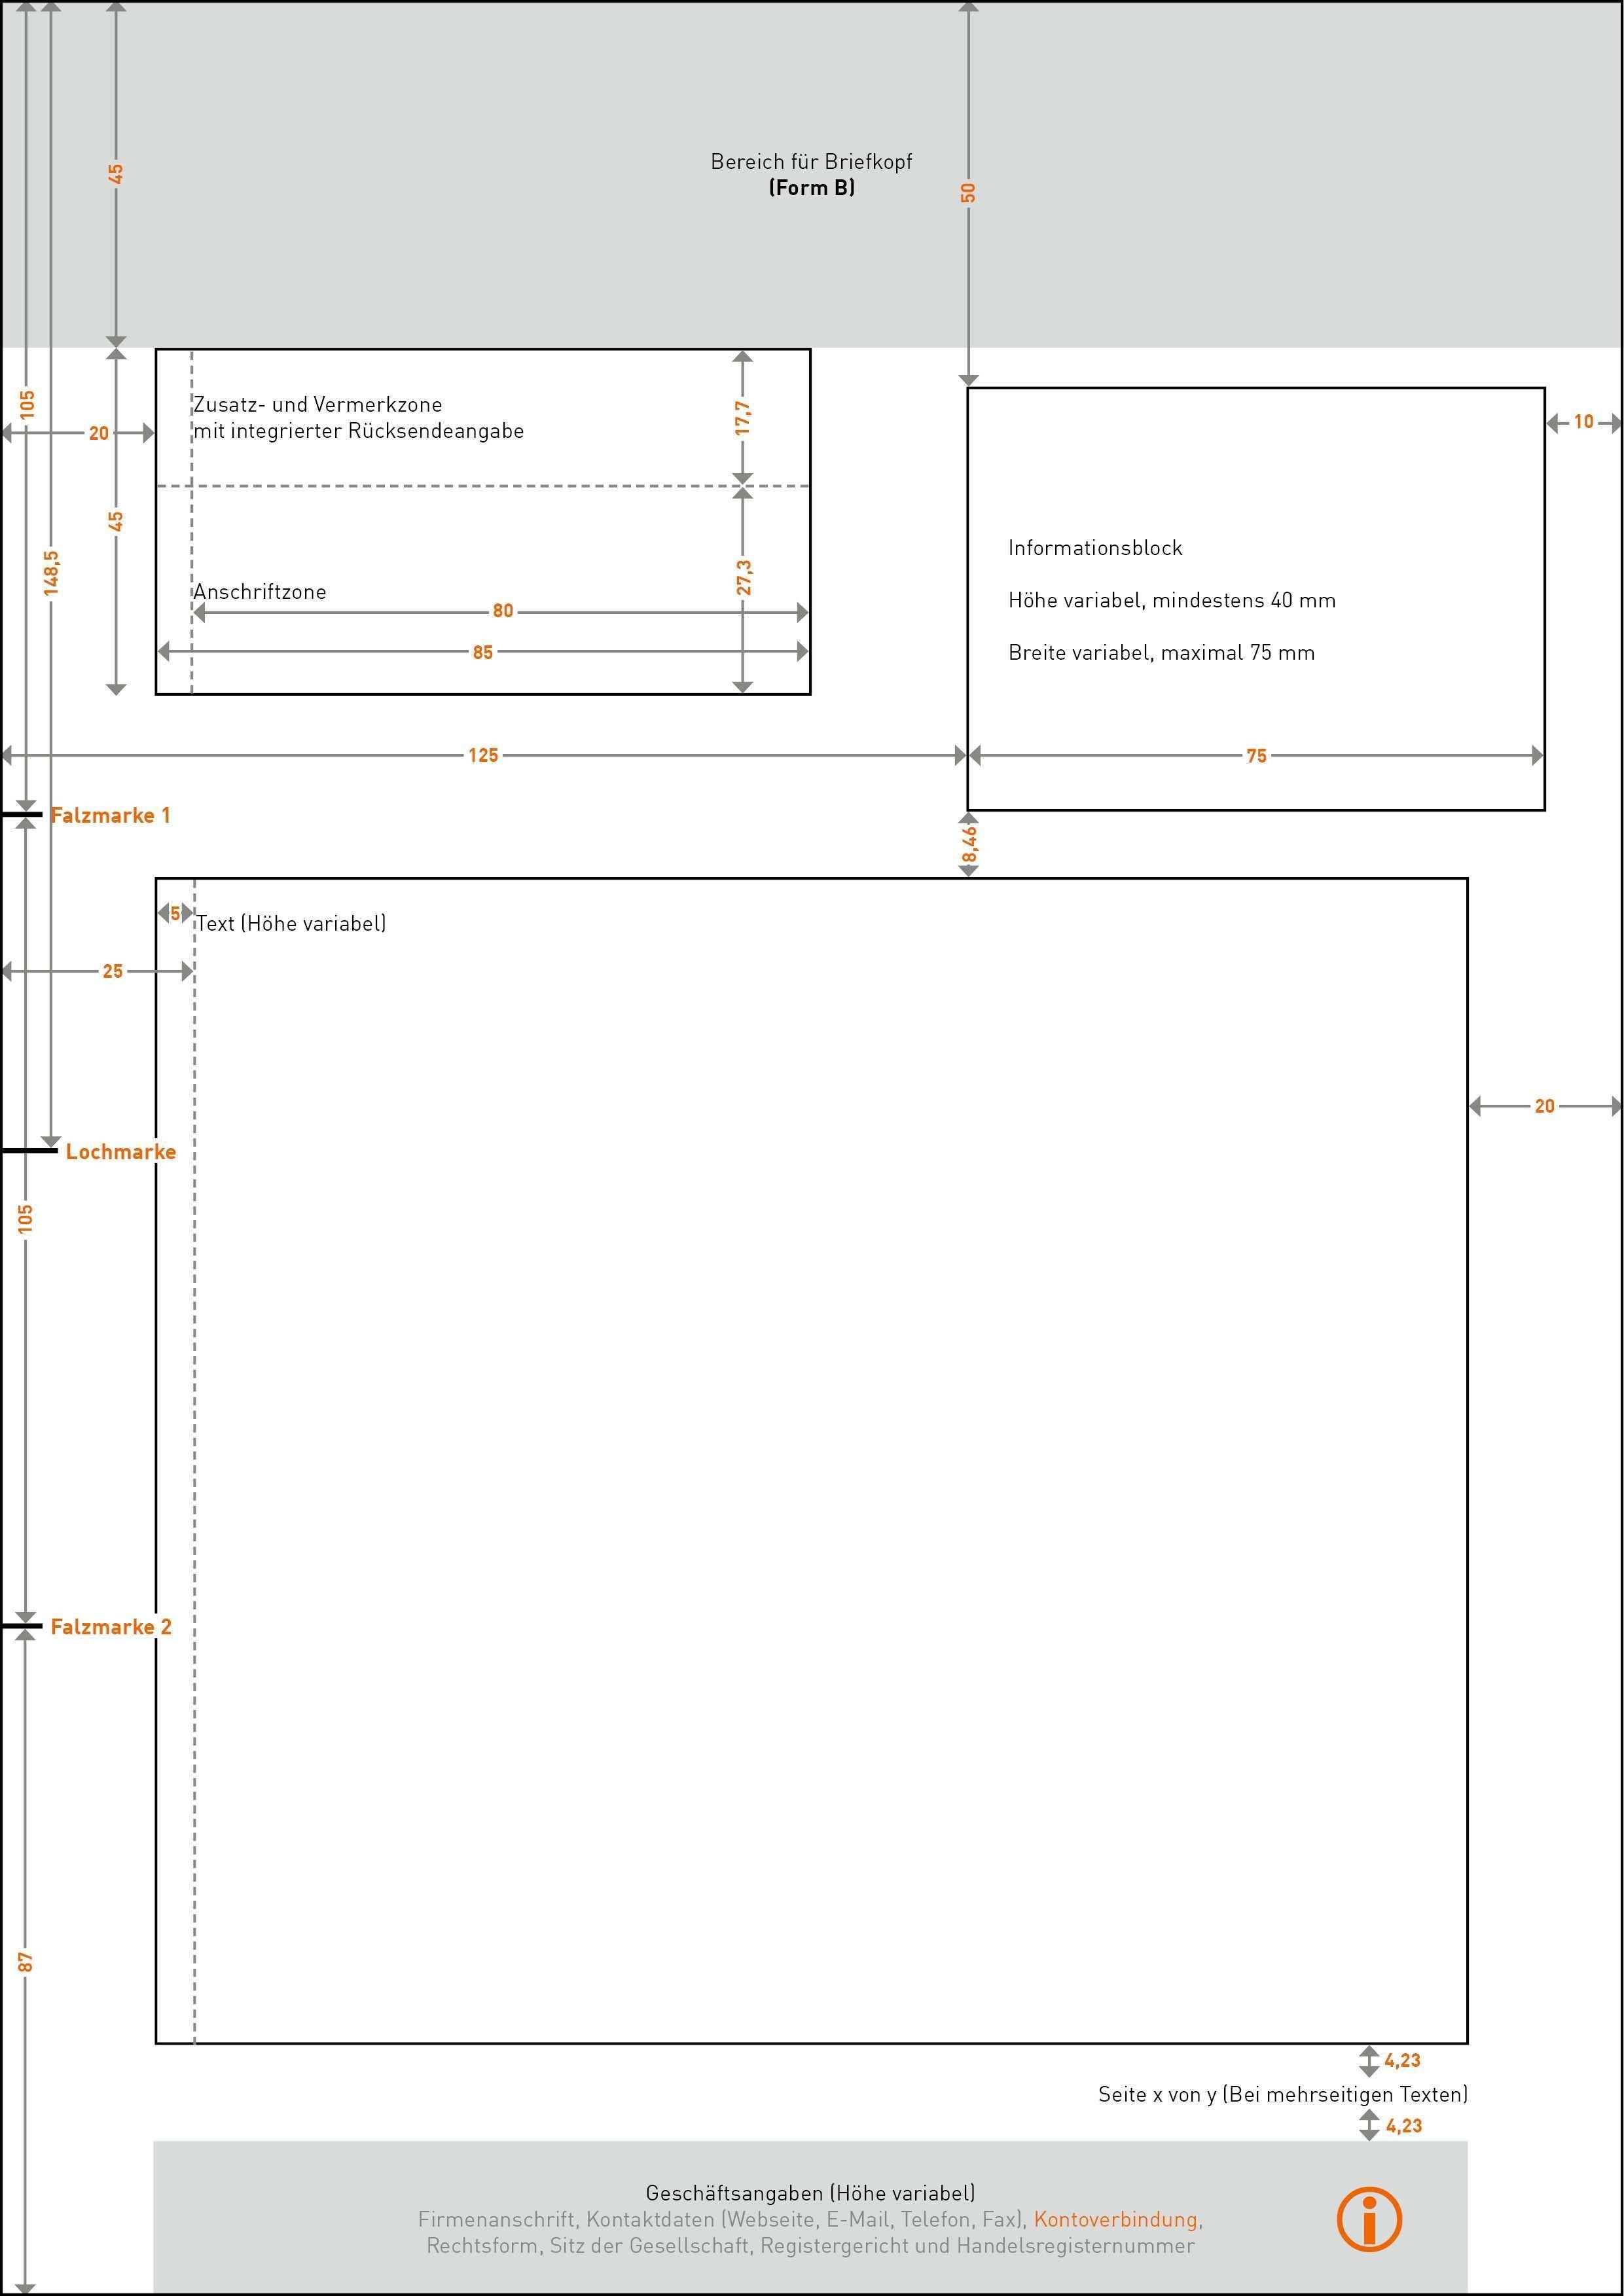 Sepa Kommt Vorlagen Fur Ihr Geschaftspapier Viaprinto Blog Indesign Vorlage Excel Vorlage Geschaftsbrief